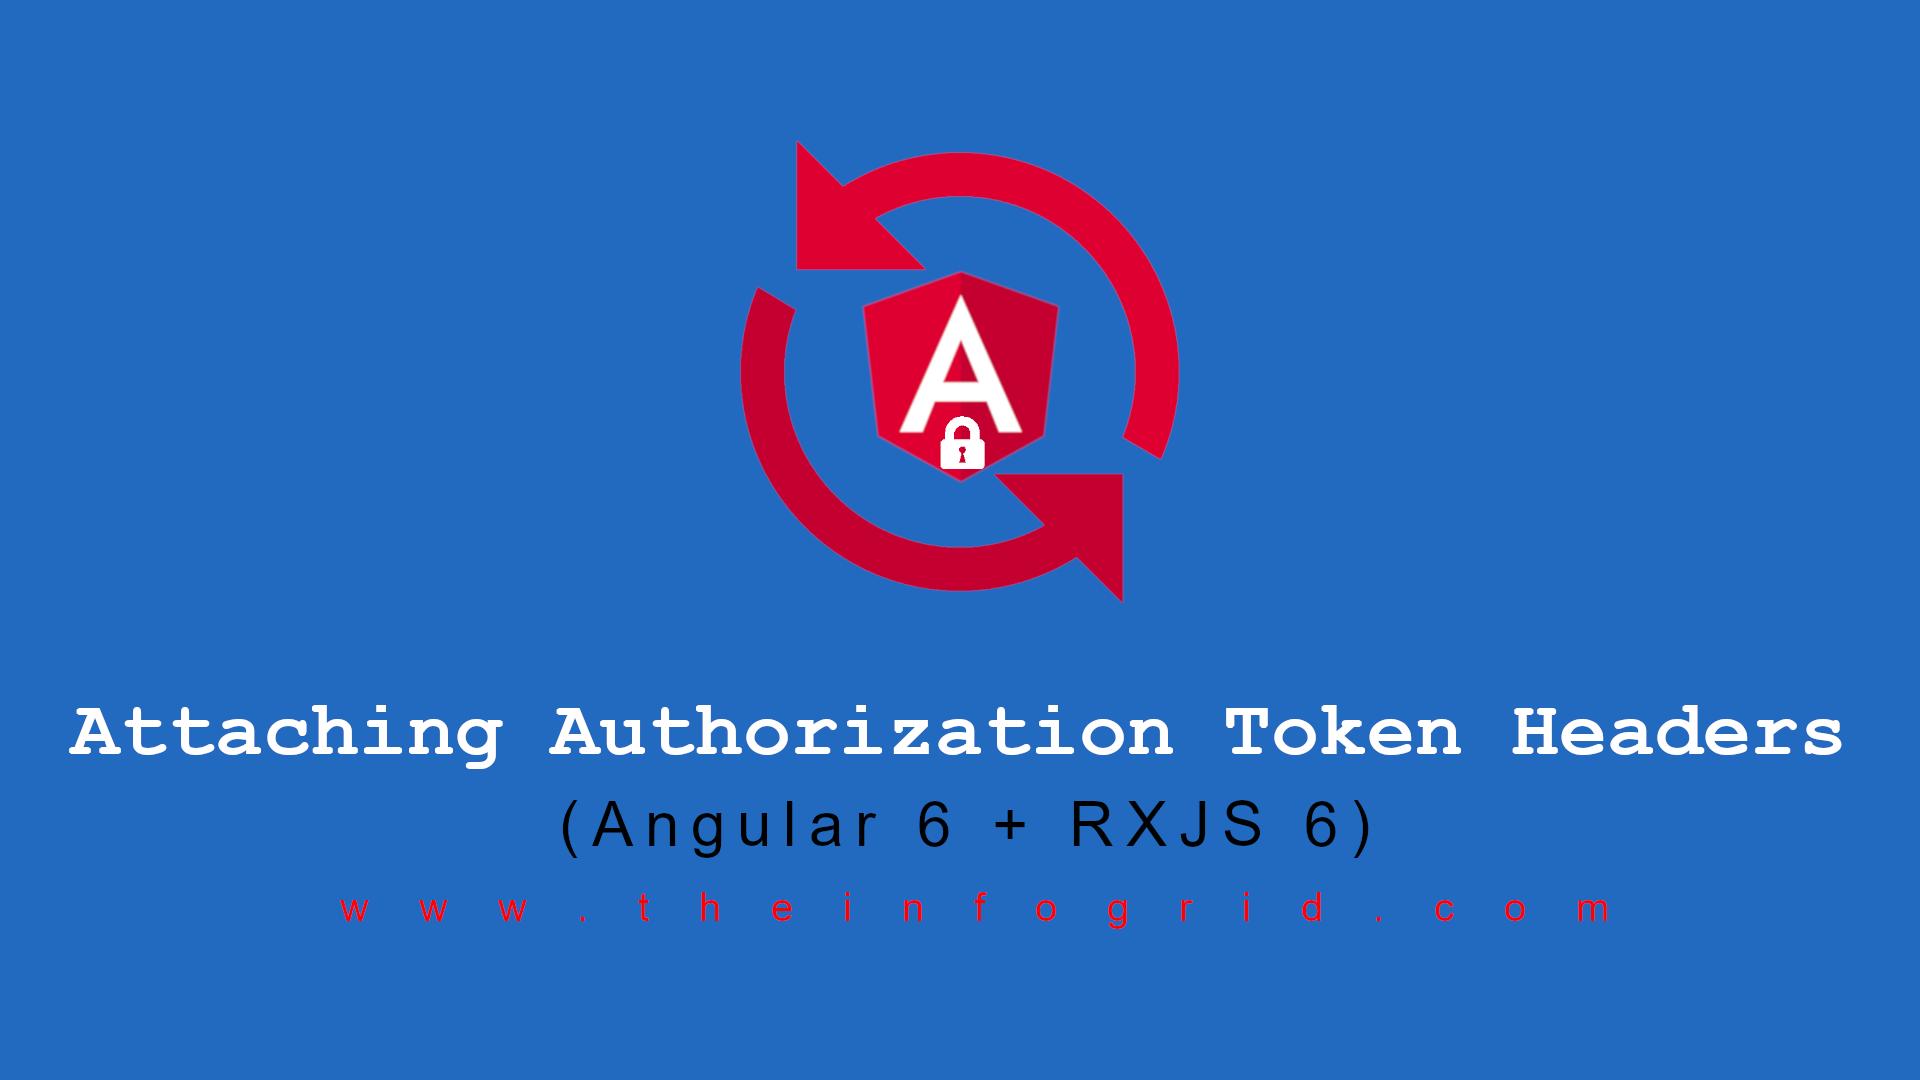 Attaching Authorization Token Headers in Angular 6